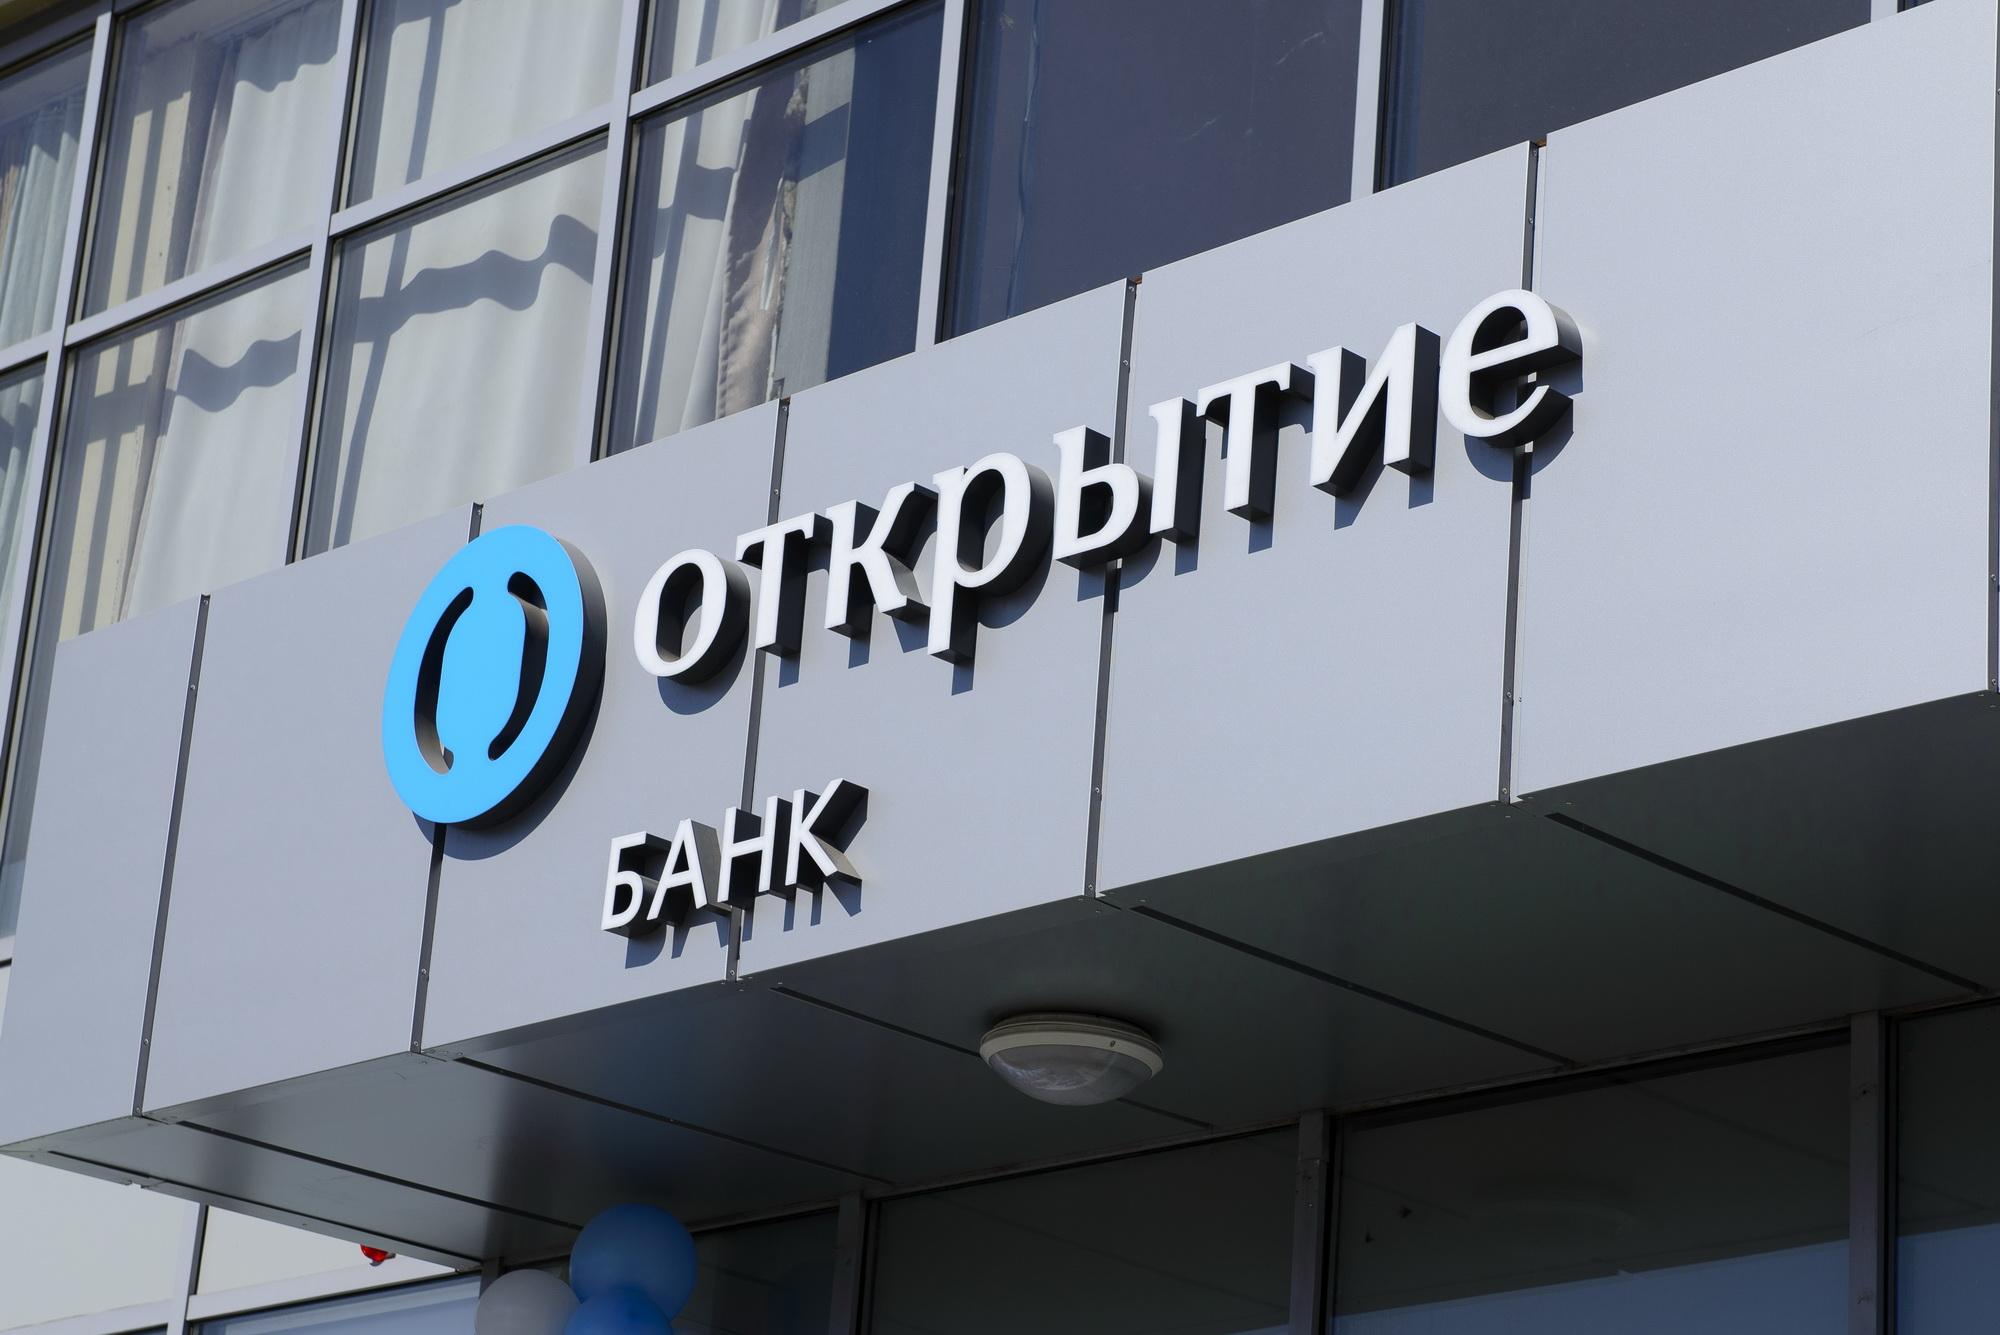 """Банк """"Открытие"""" улучшил работу по сбору просроченной задолженности за счет внедрения Otkritie Collection"""